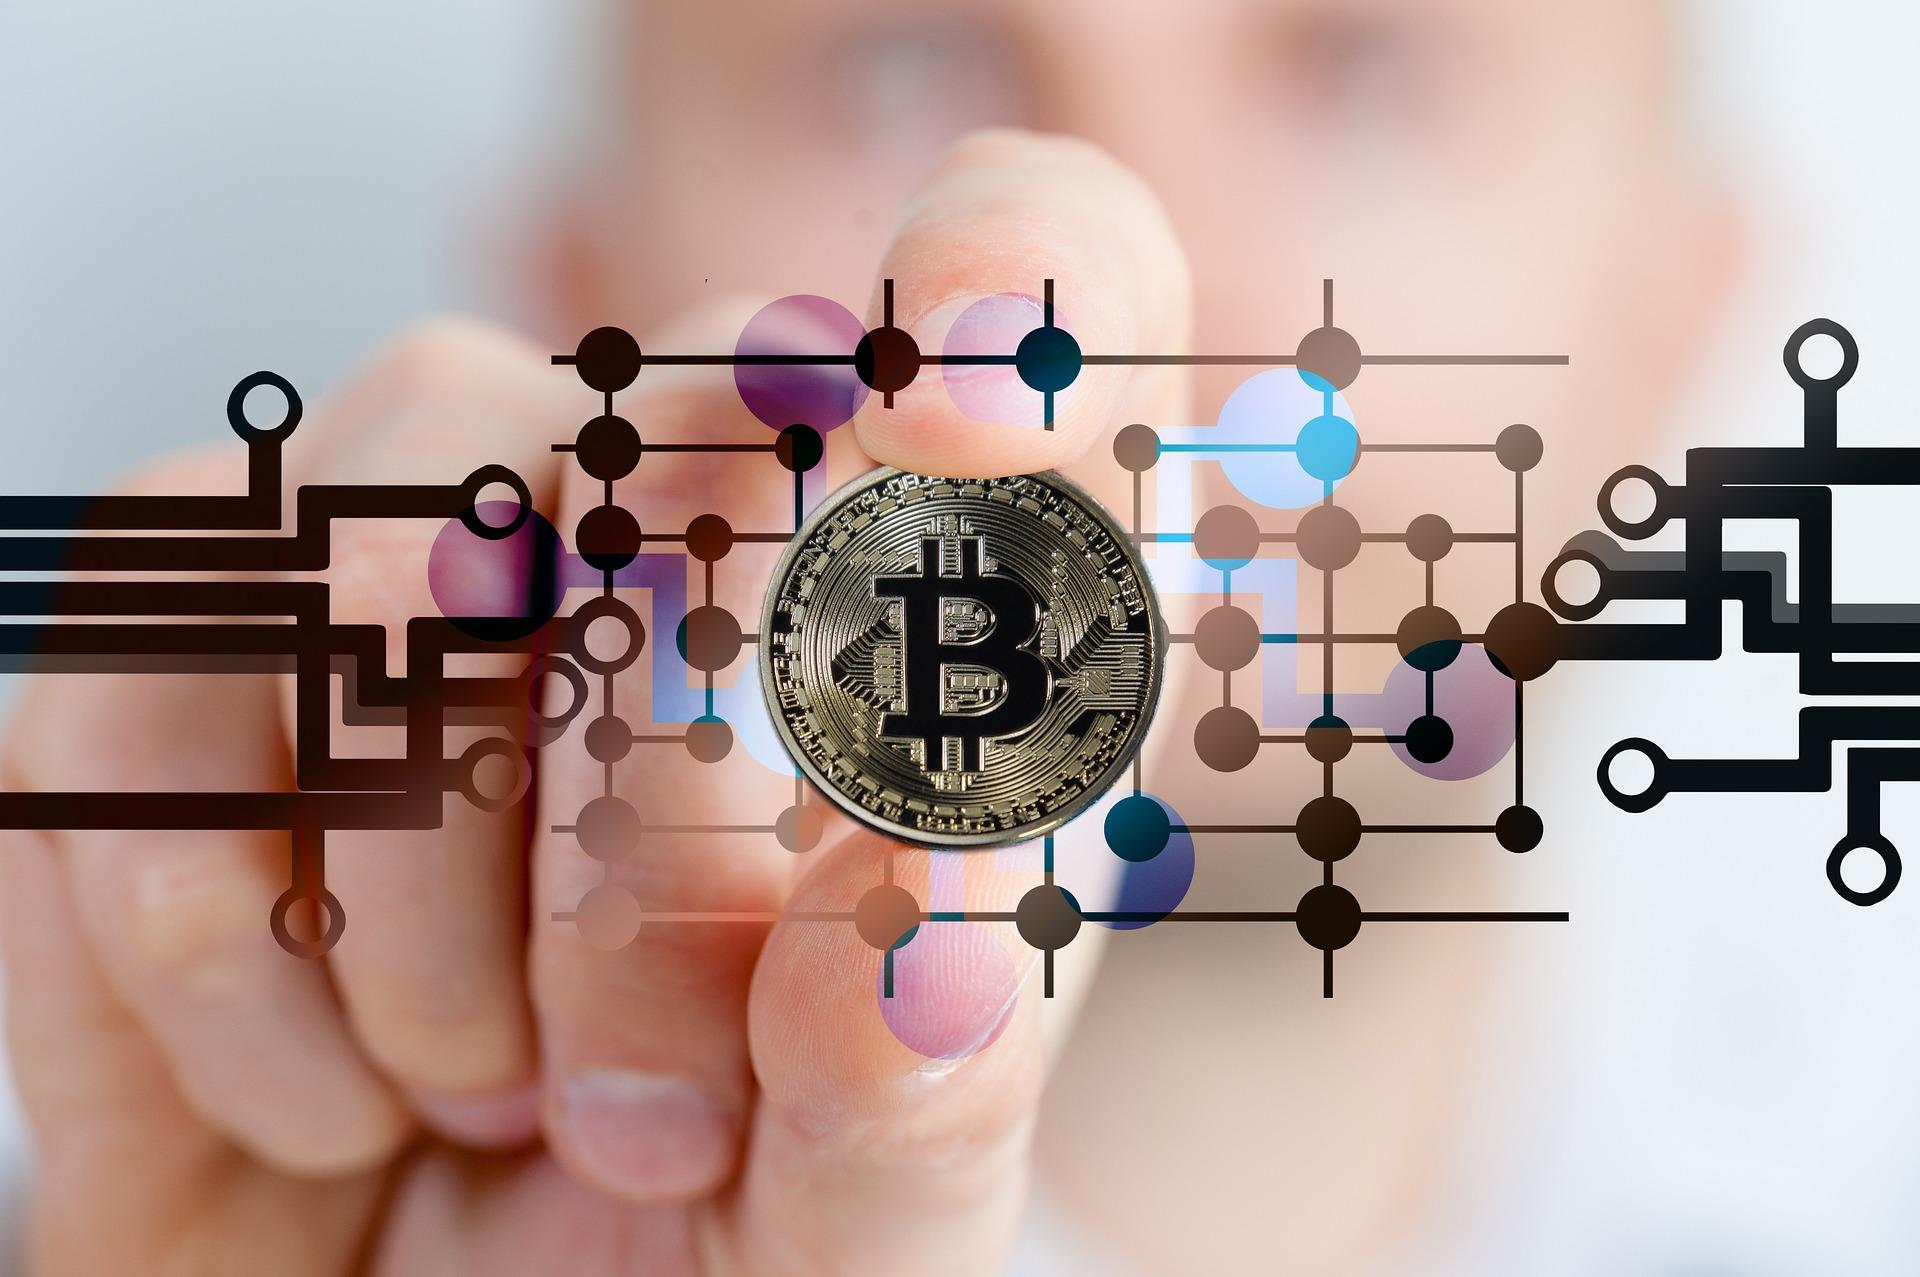 bitcoin 2643159 1920 - Сеть биткоина превосходит эфириум и XRP по количеству активных адресов